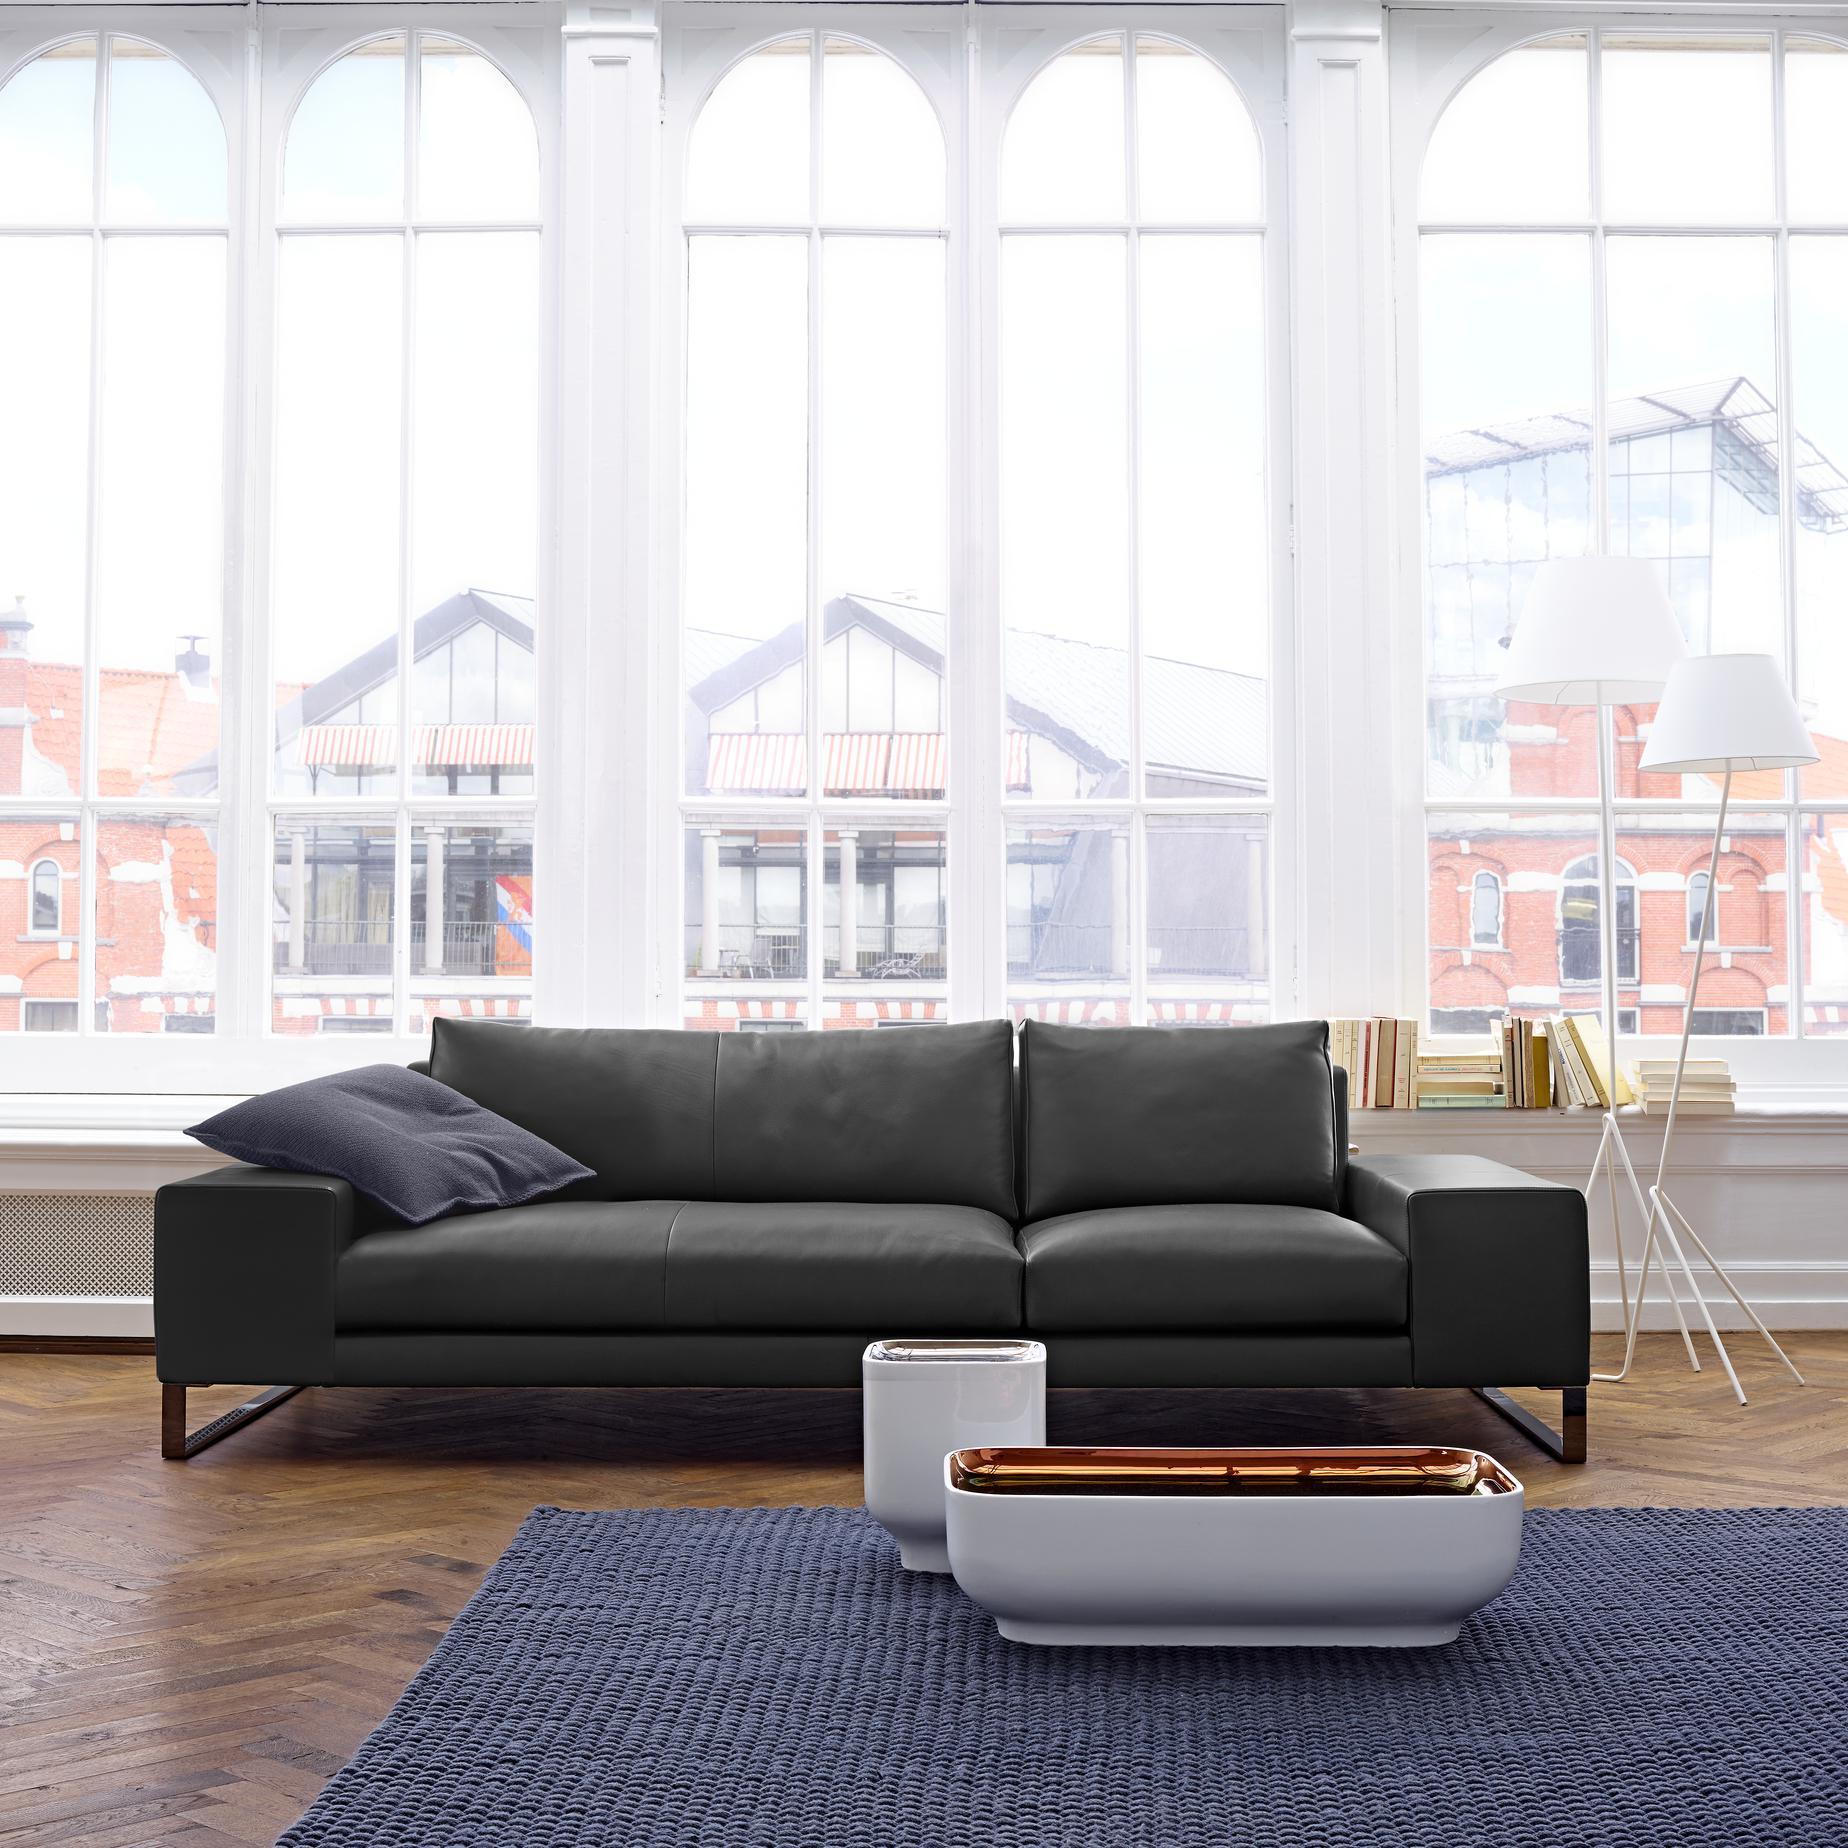 大师设计 布艺沙发LIGNE ROSET写意空间EXCLUSIF2 sofa 沙发 意大利家具